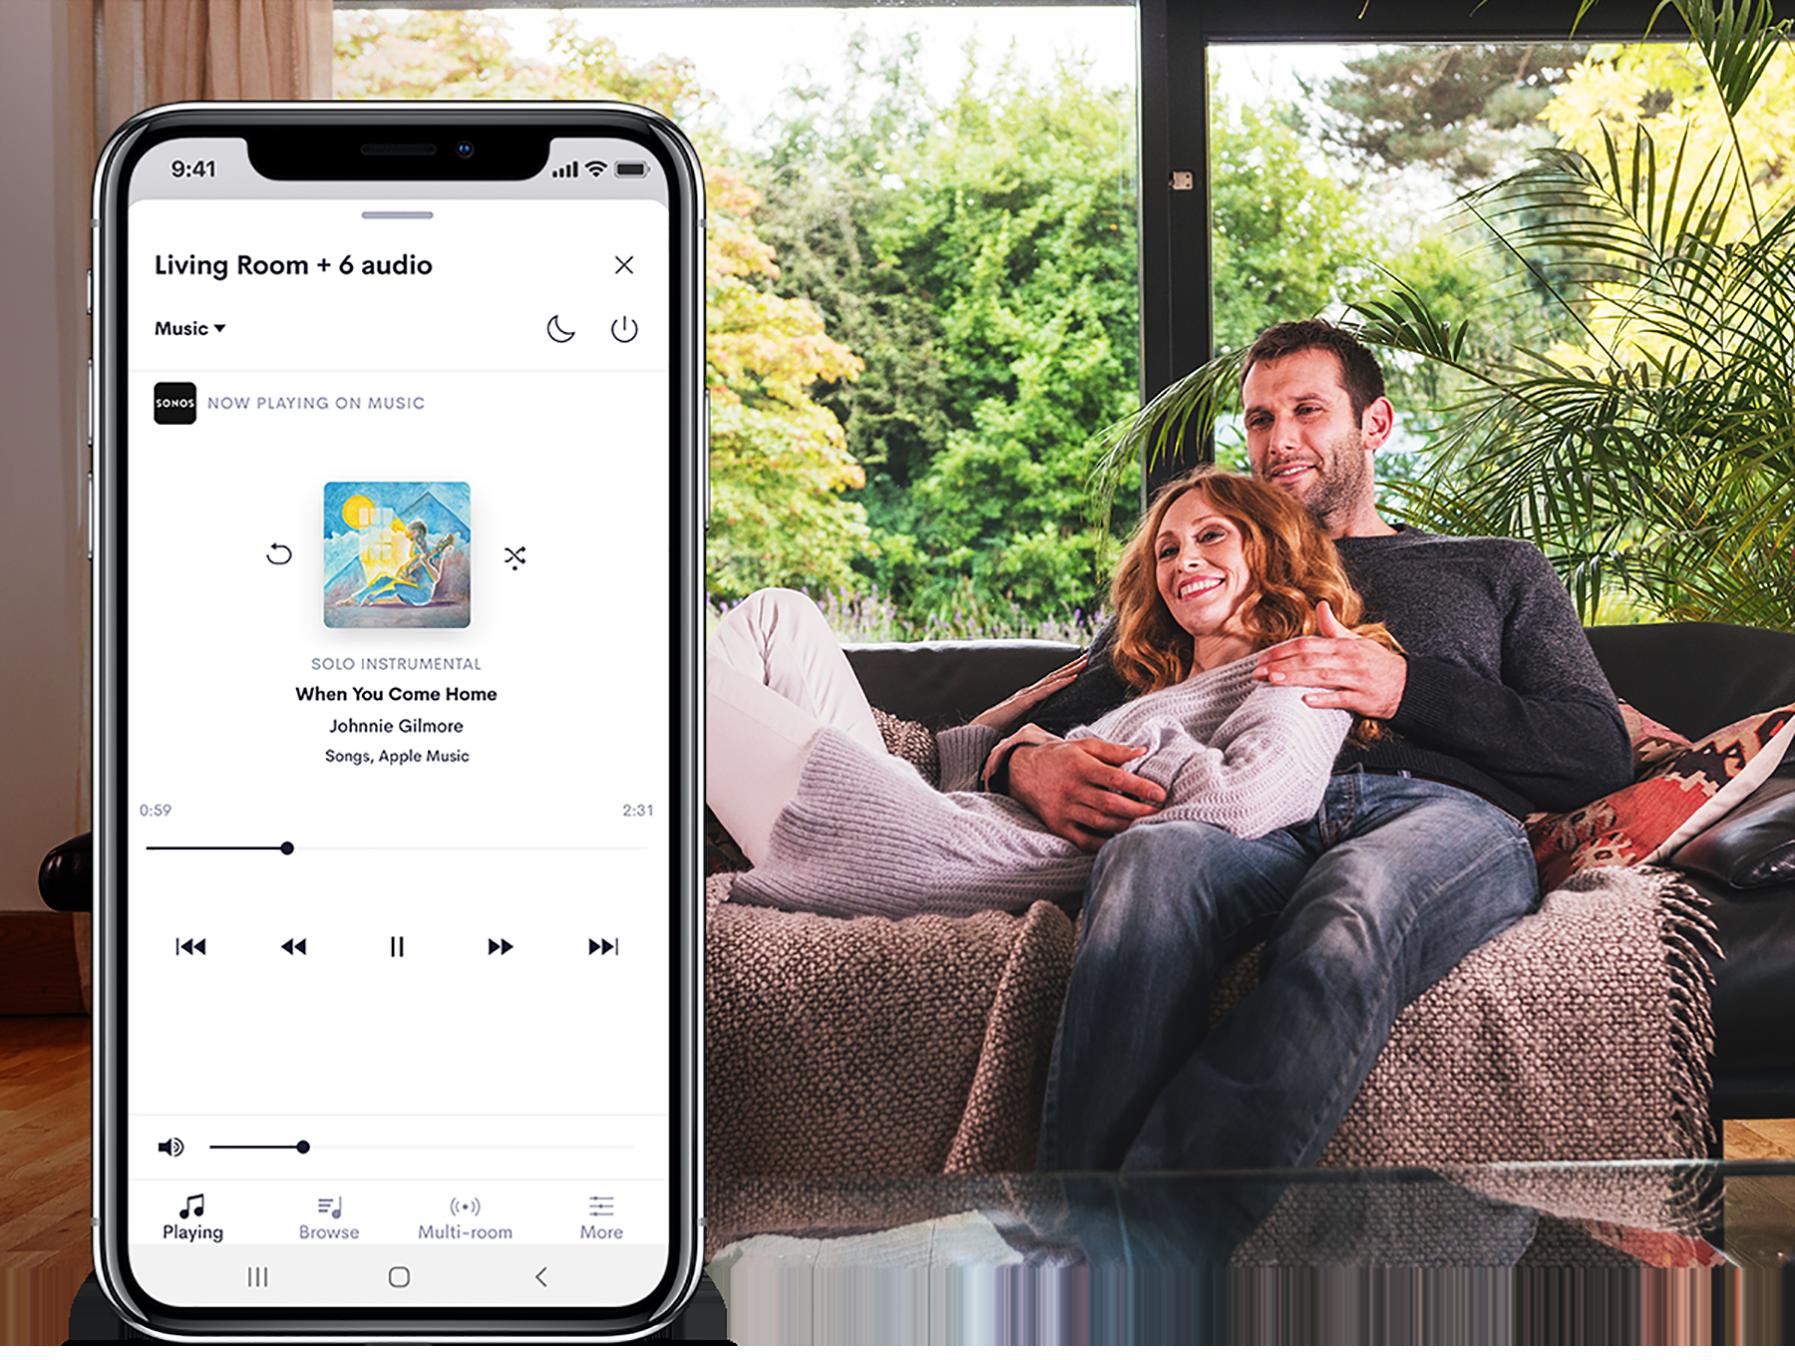 夫妻待在客厅内,以及具备音频 UI 的智能电话的图像